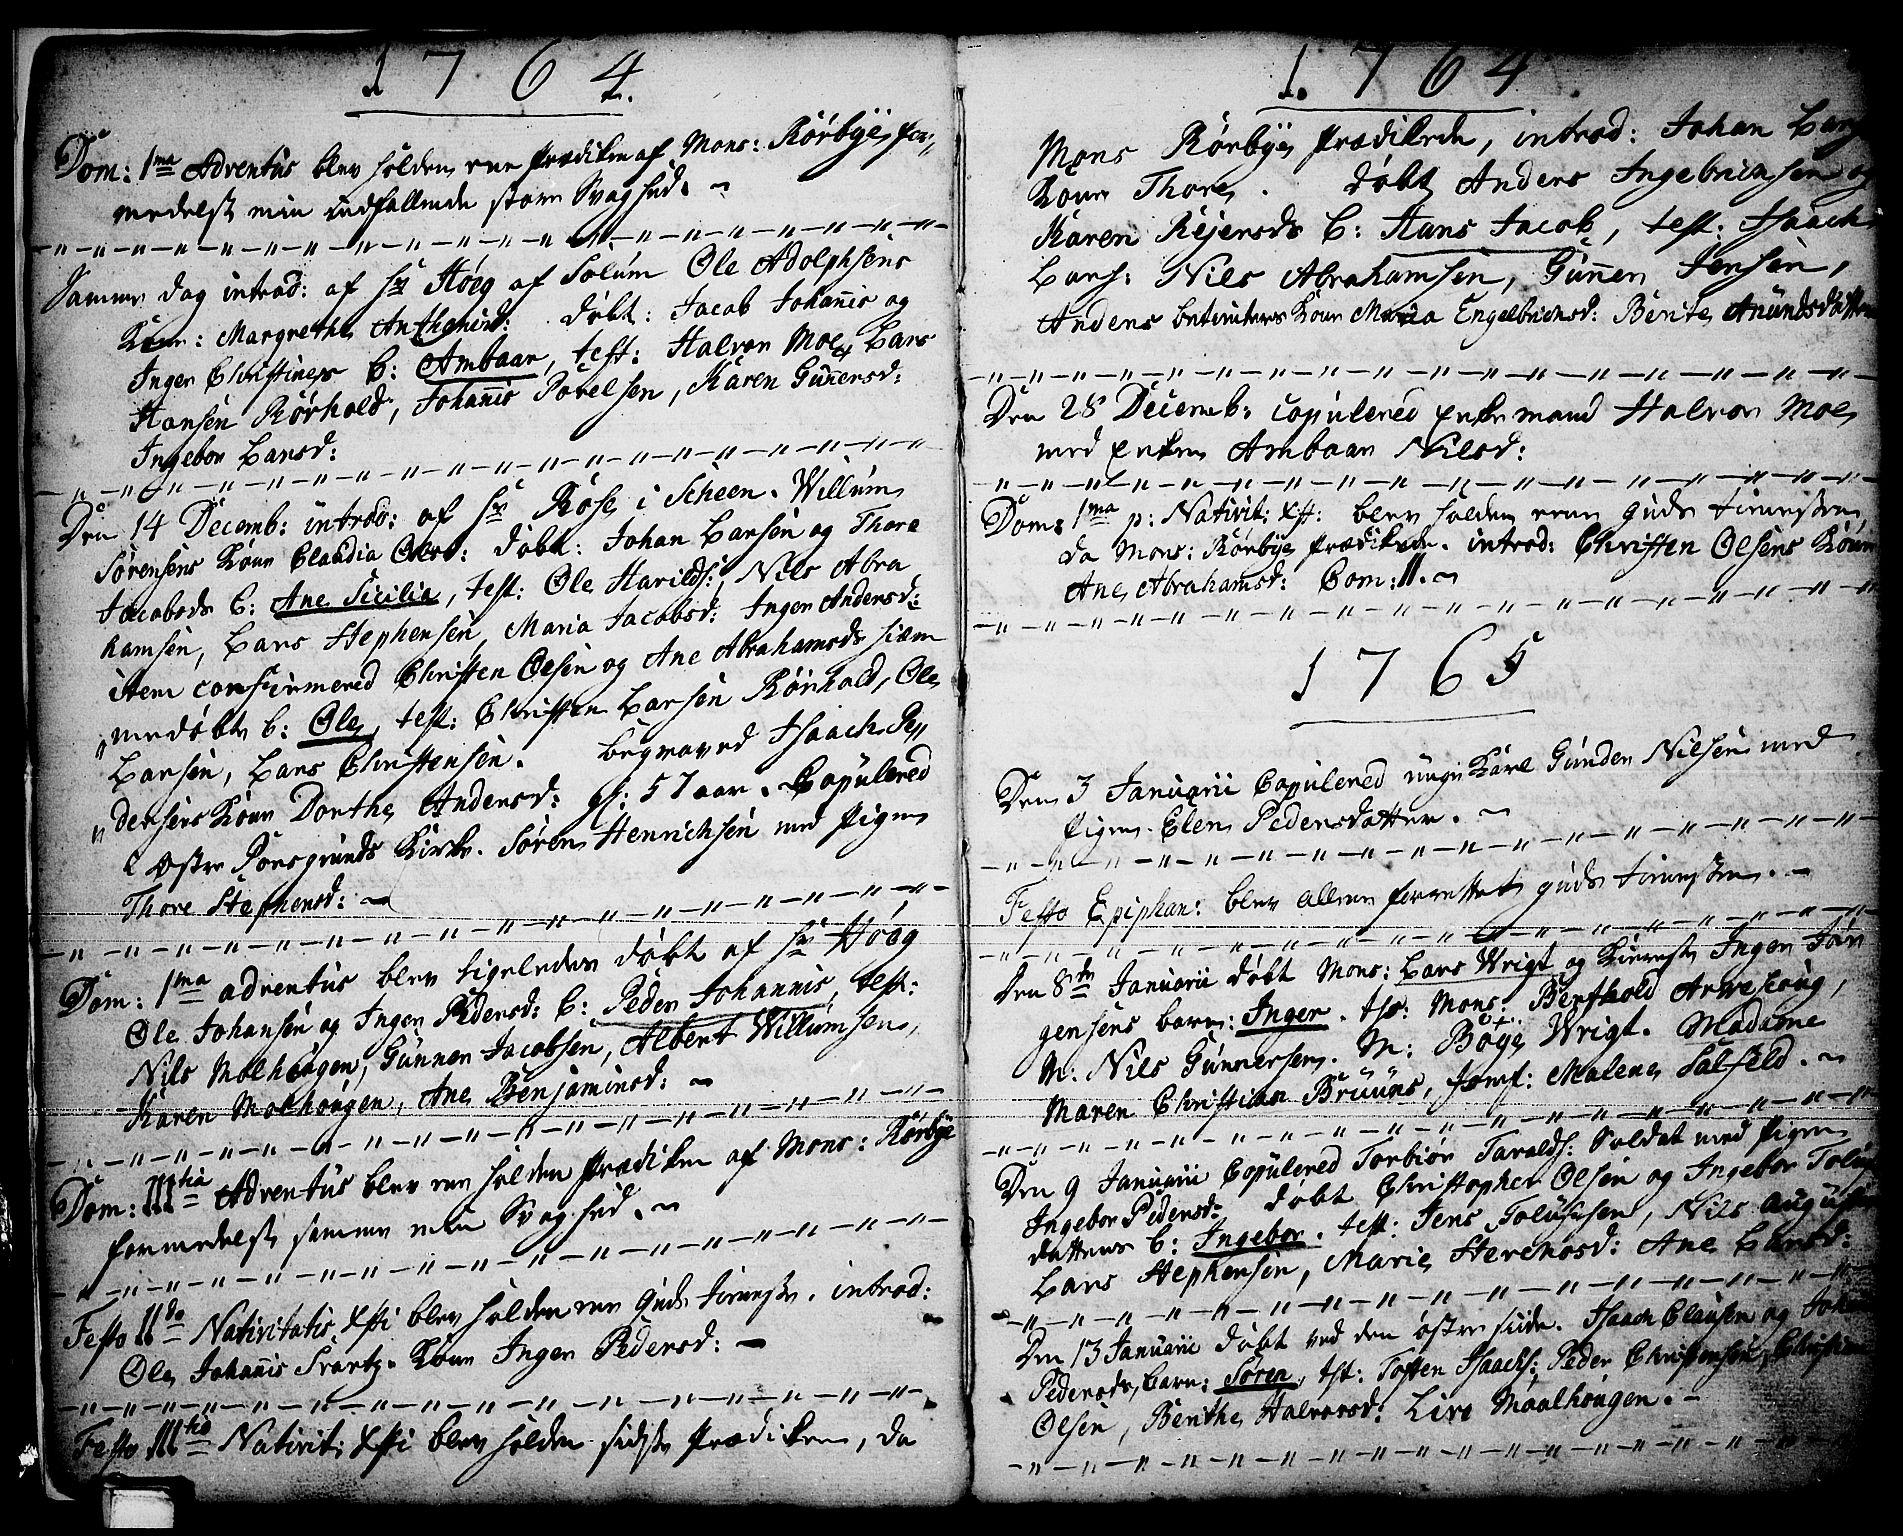 SAKO, Porsgrunn kirkebøker , F/Fa/L0001: Ministerialbok nr. 1, 1764-1814, s. 6-7